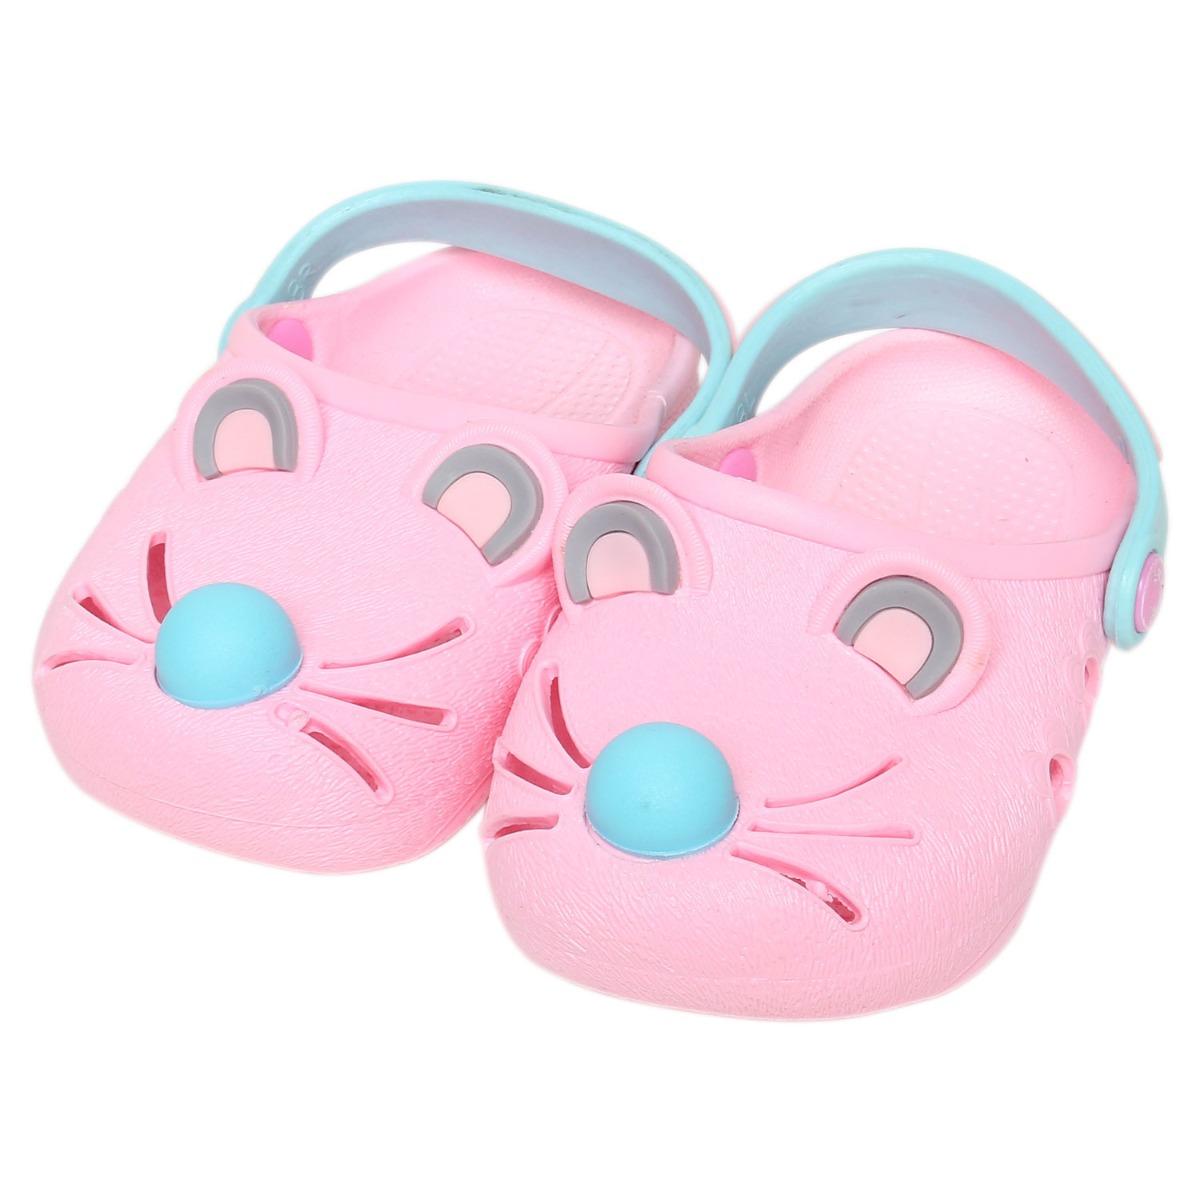 Giày nhựa JiaJiaBear chuột hồng